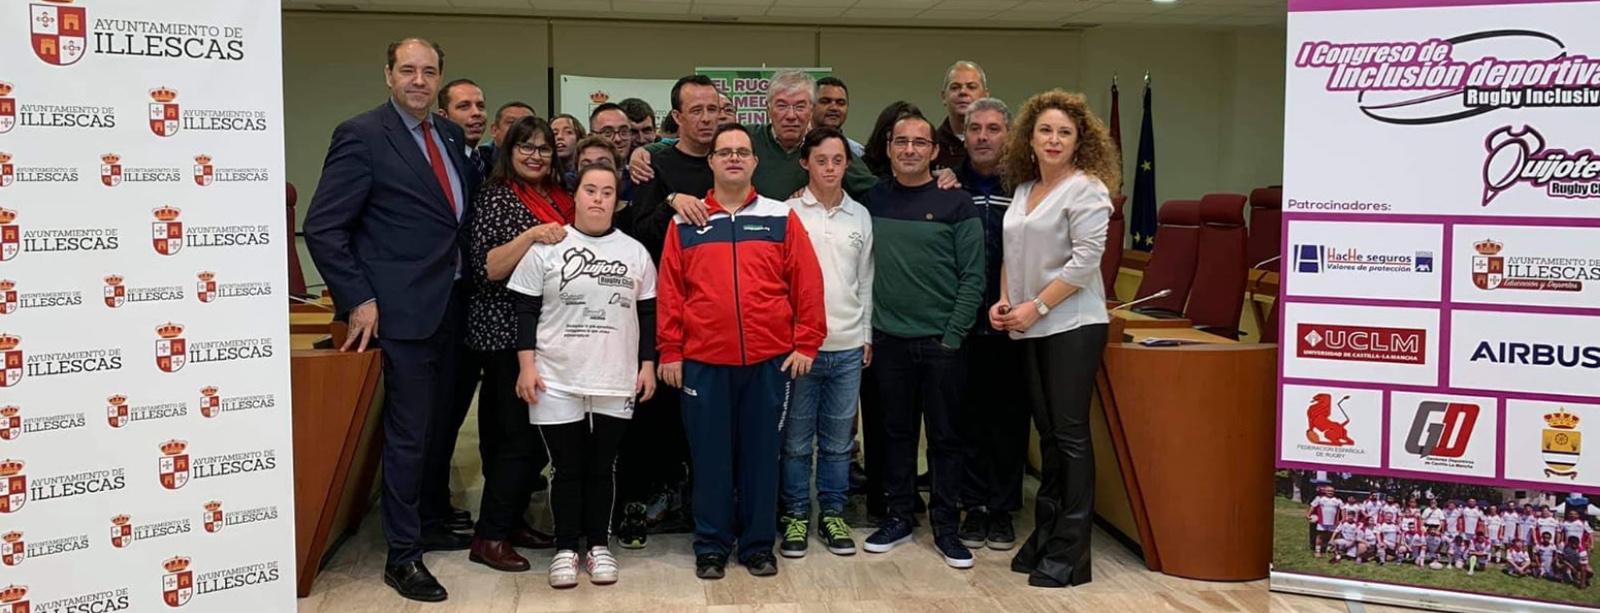 Down España y Quijote Rugby Club se unen para fomentar el rugby inclusivo